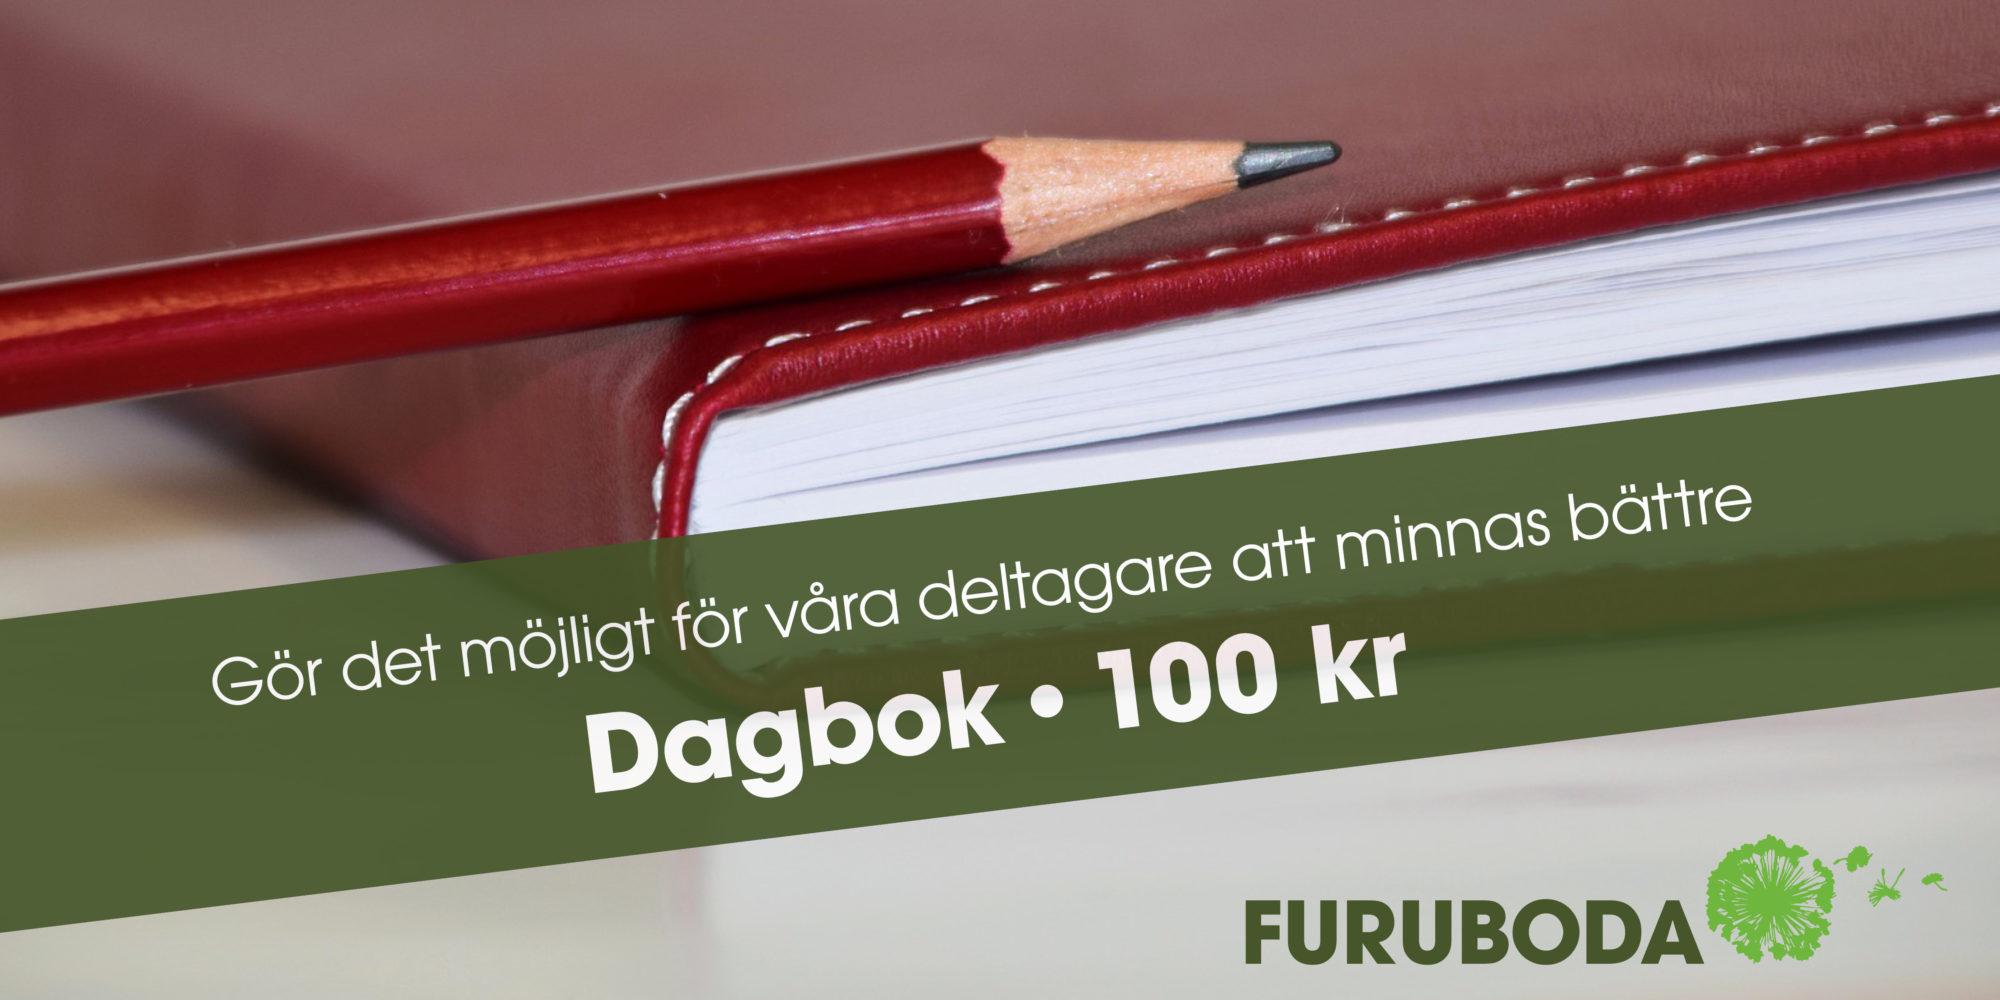 """En del av en röd anteckningsbok med en blyertspenna liggande på. På bilden ett grönt band med texten """"Gör det möjligt för våra deltagare att minnas bättre. Dagbok 100 kr"""""""